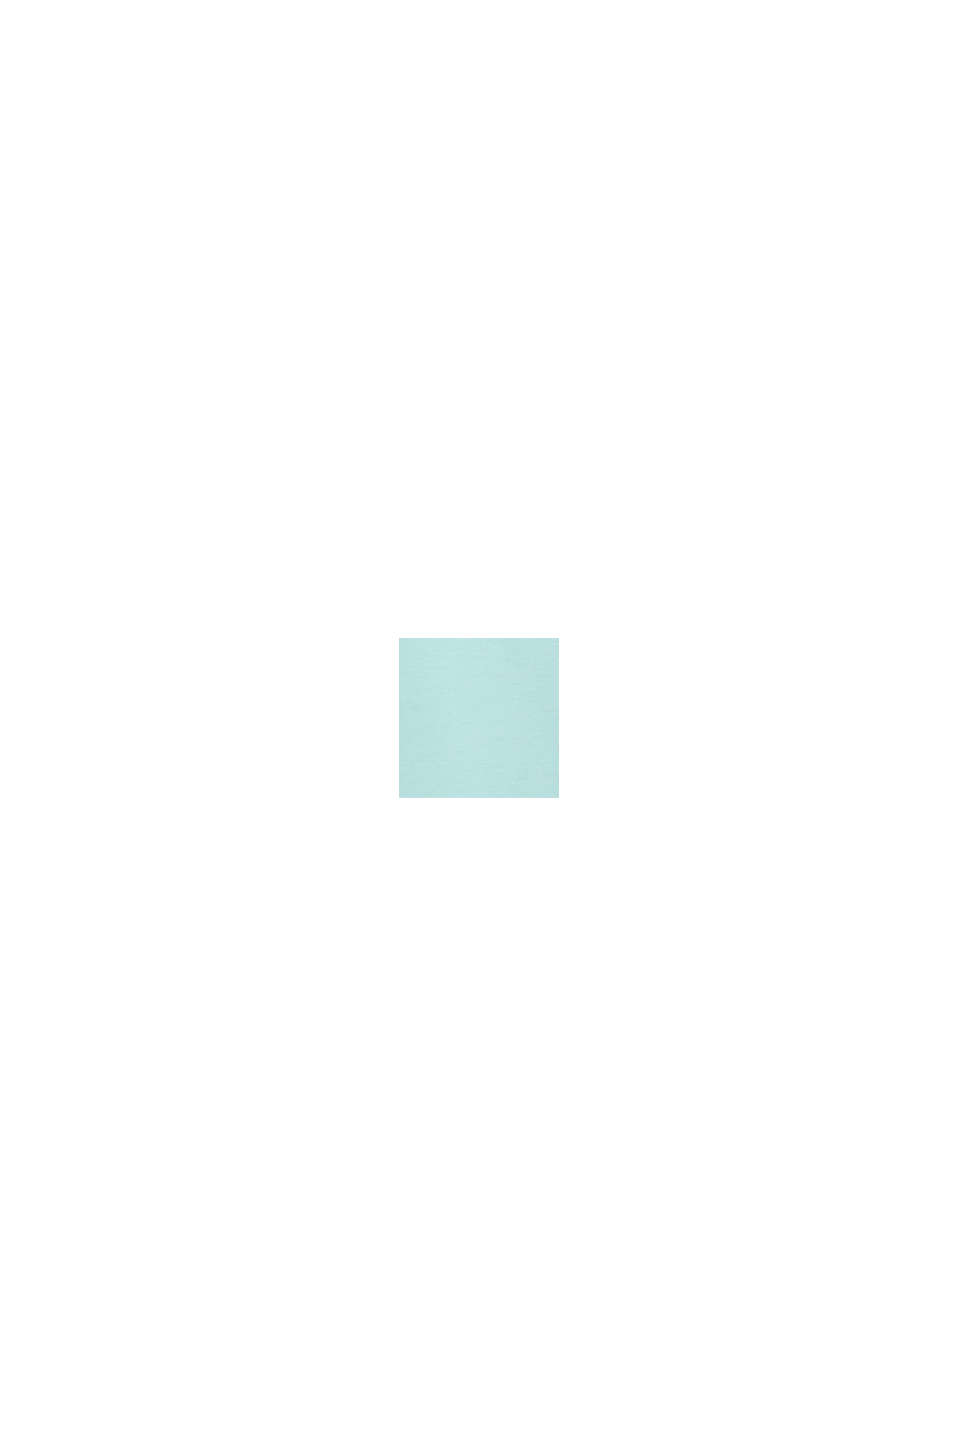 CURVY Maglia con stampa di scritta, TURQUOISE, swatch